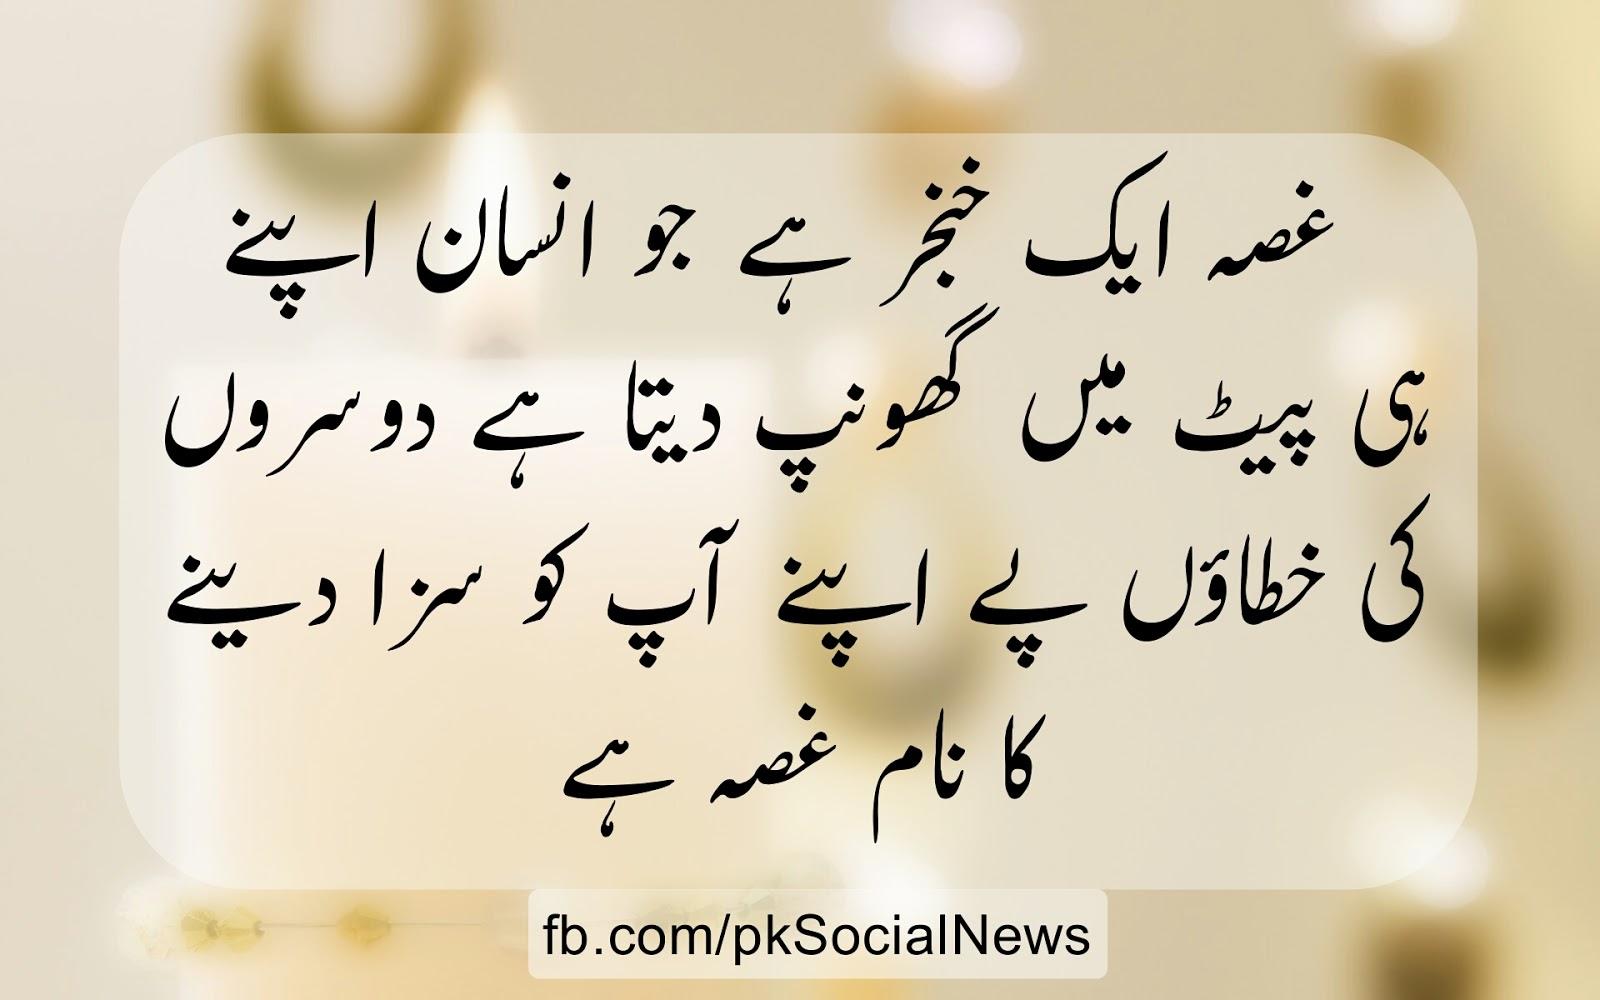 Top 10 Famous Urdu Quotes Myk Star